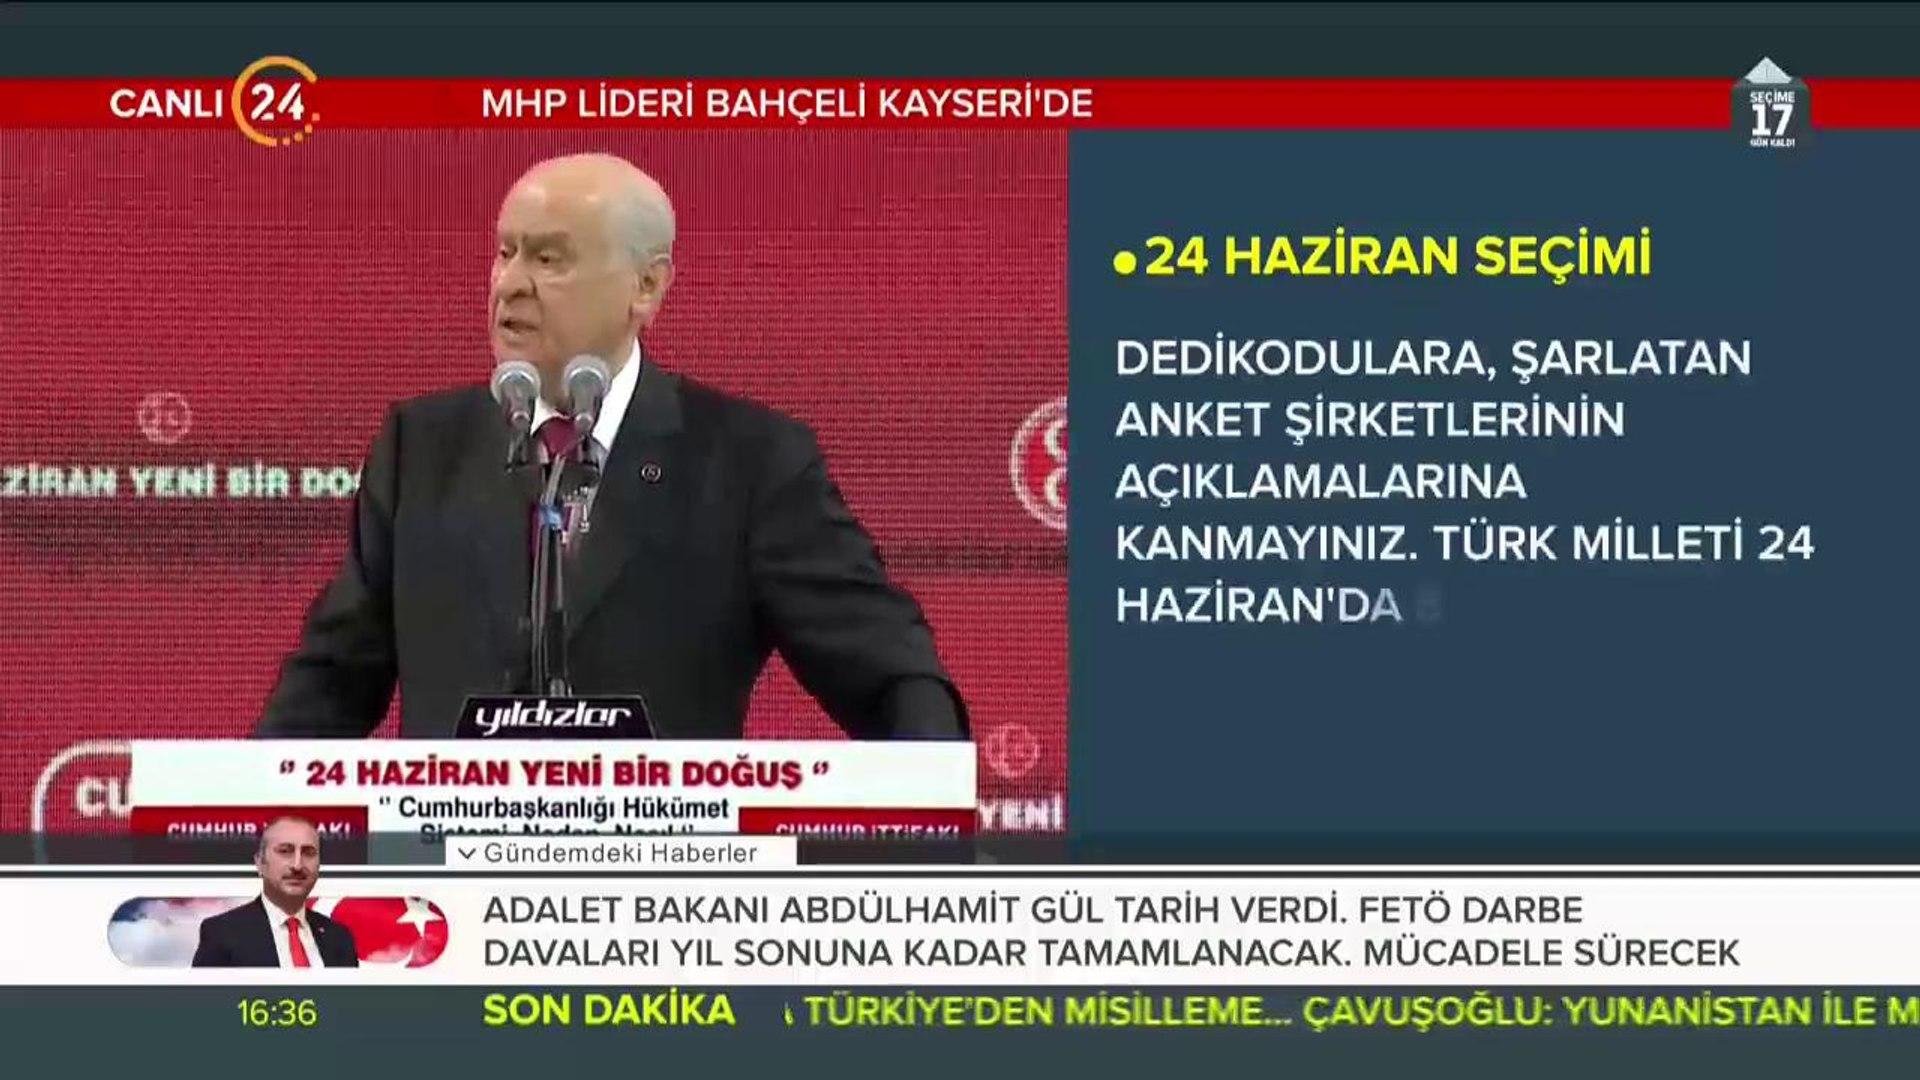 Cumhurbaşkanı adayımız Recep Tayyip Erdoğan, inşallah ilk turda